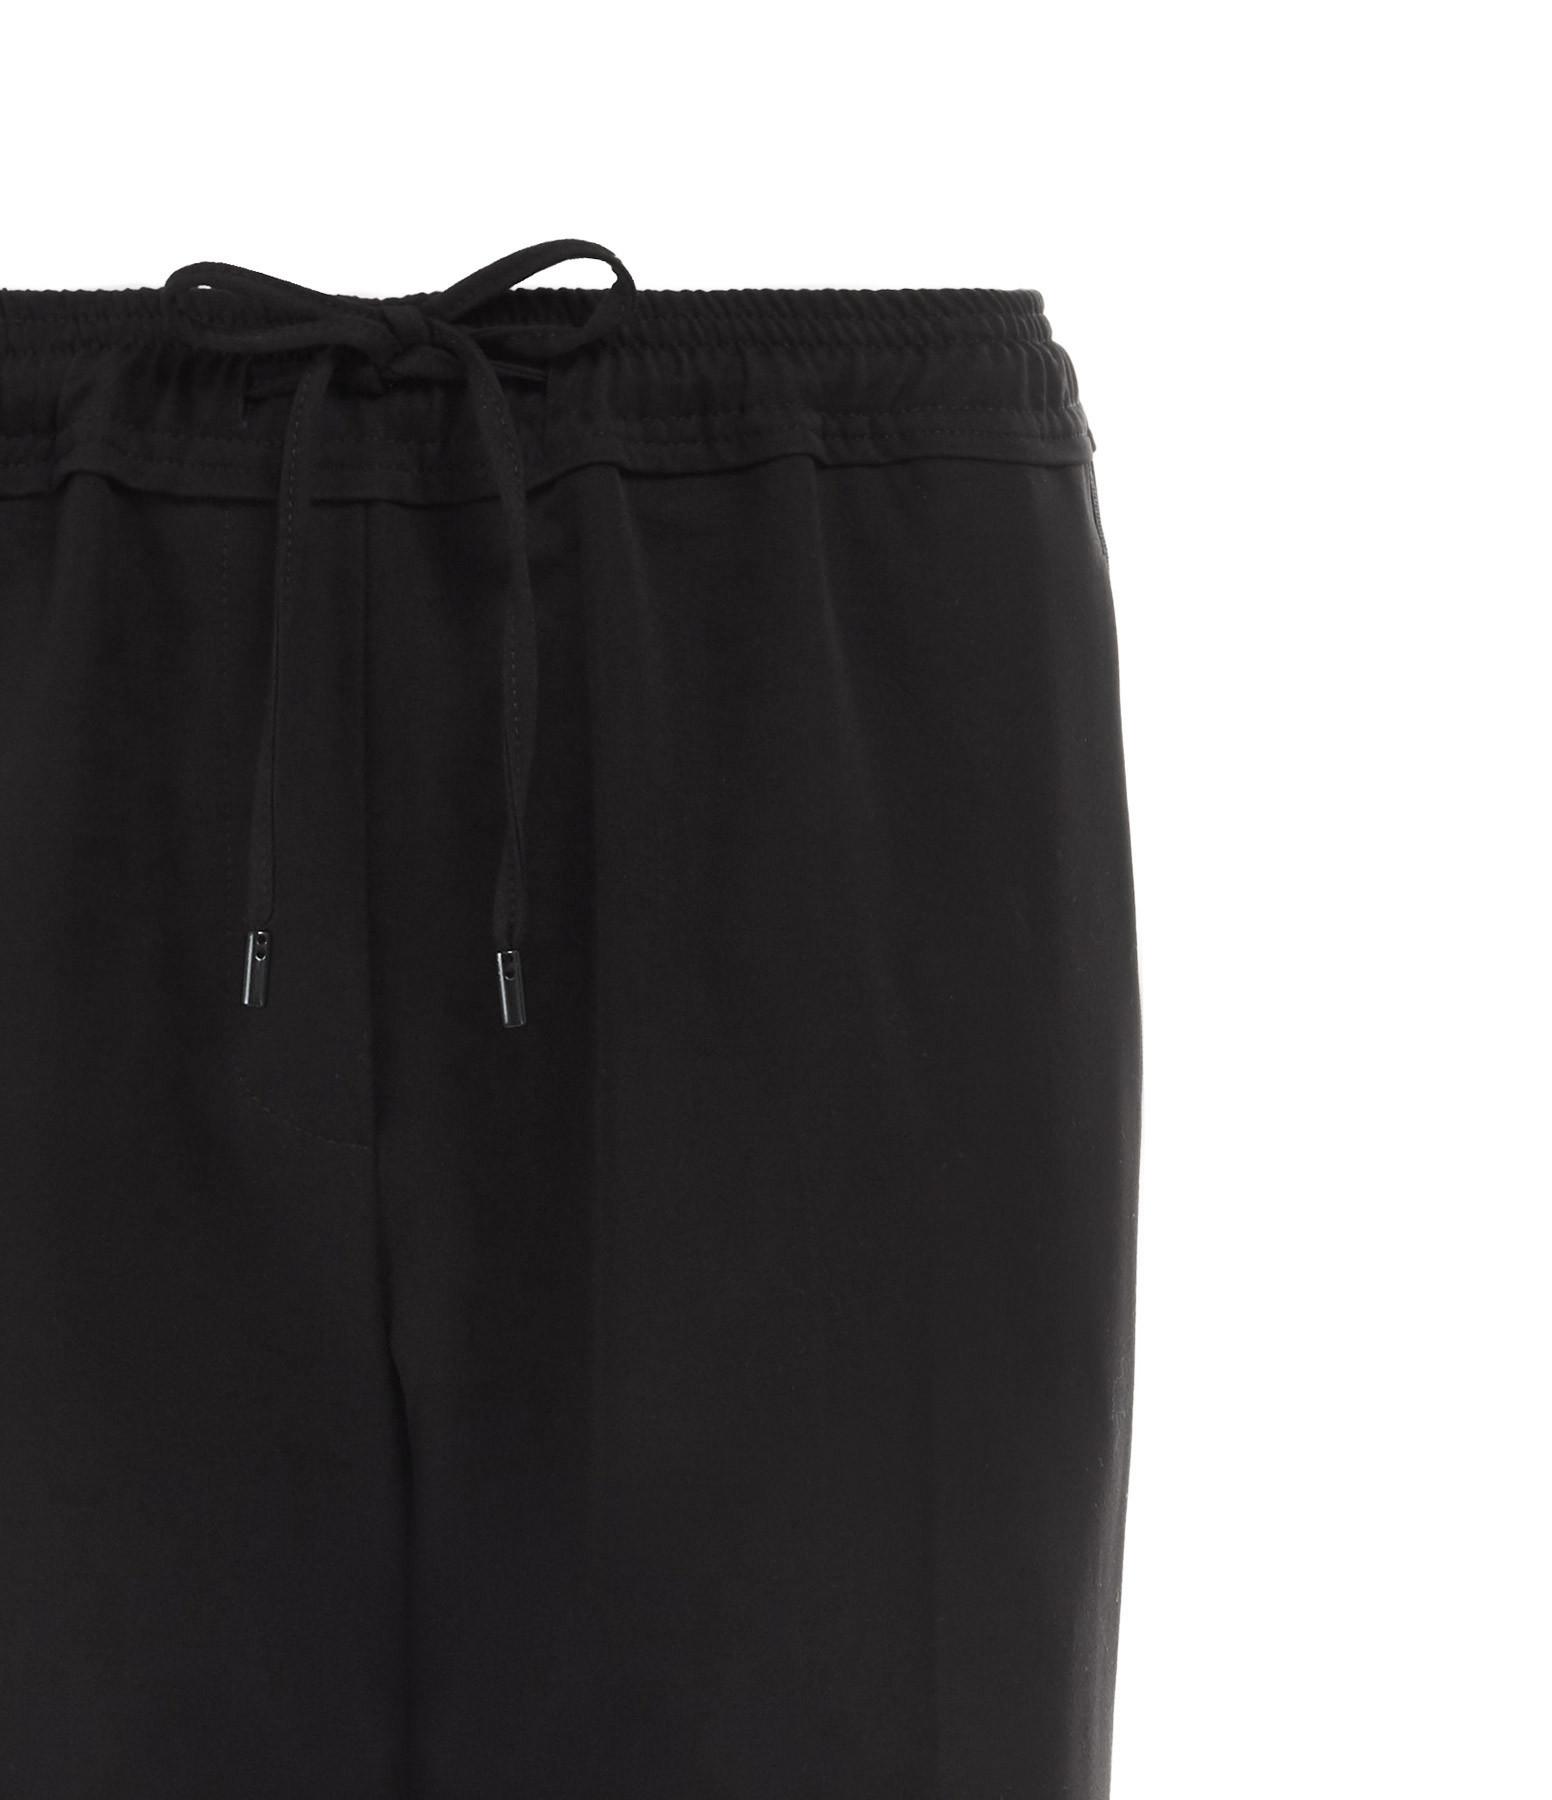 HANA SAN - Pantalon Hakob Noir